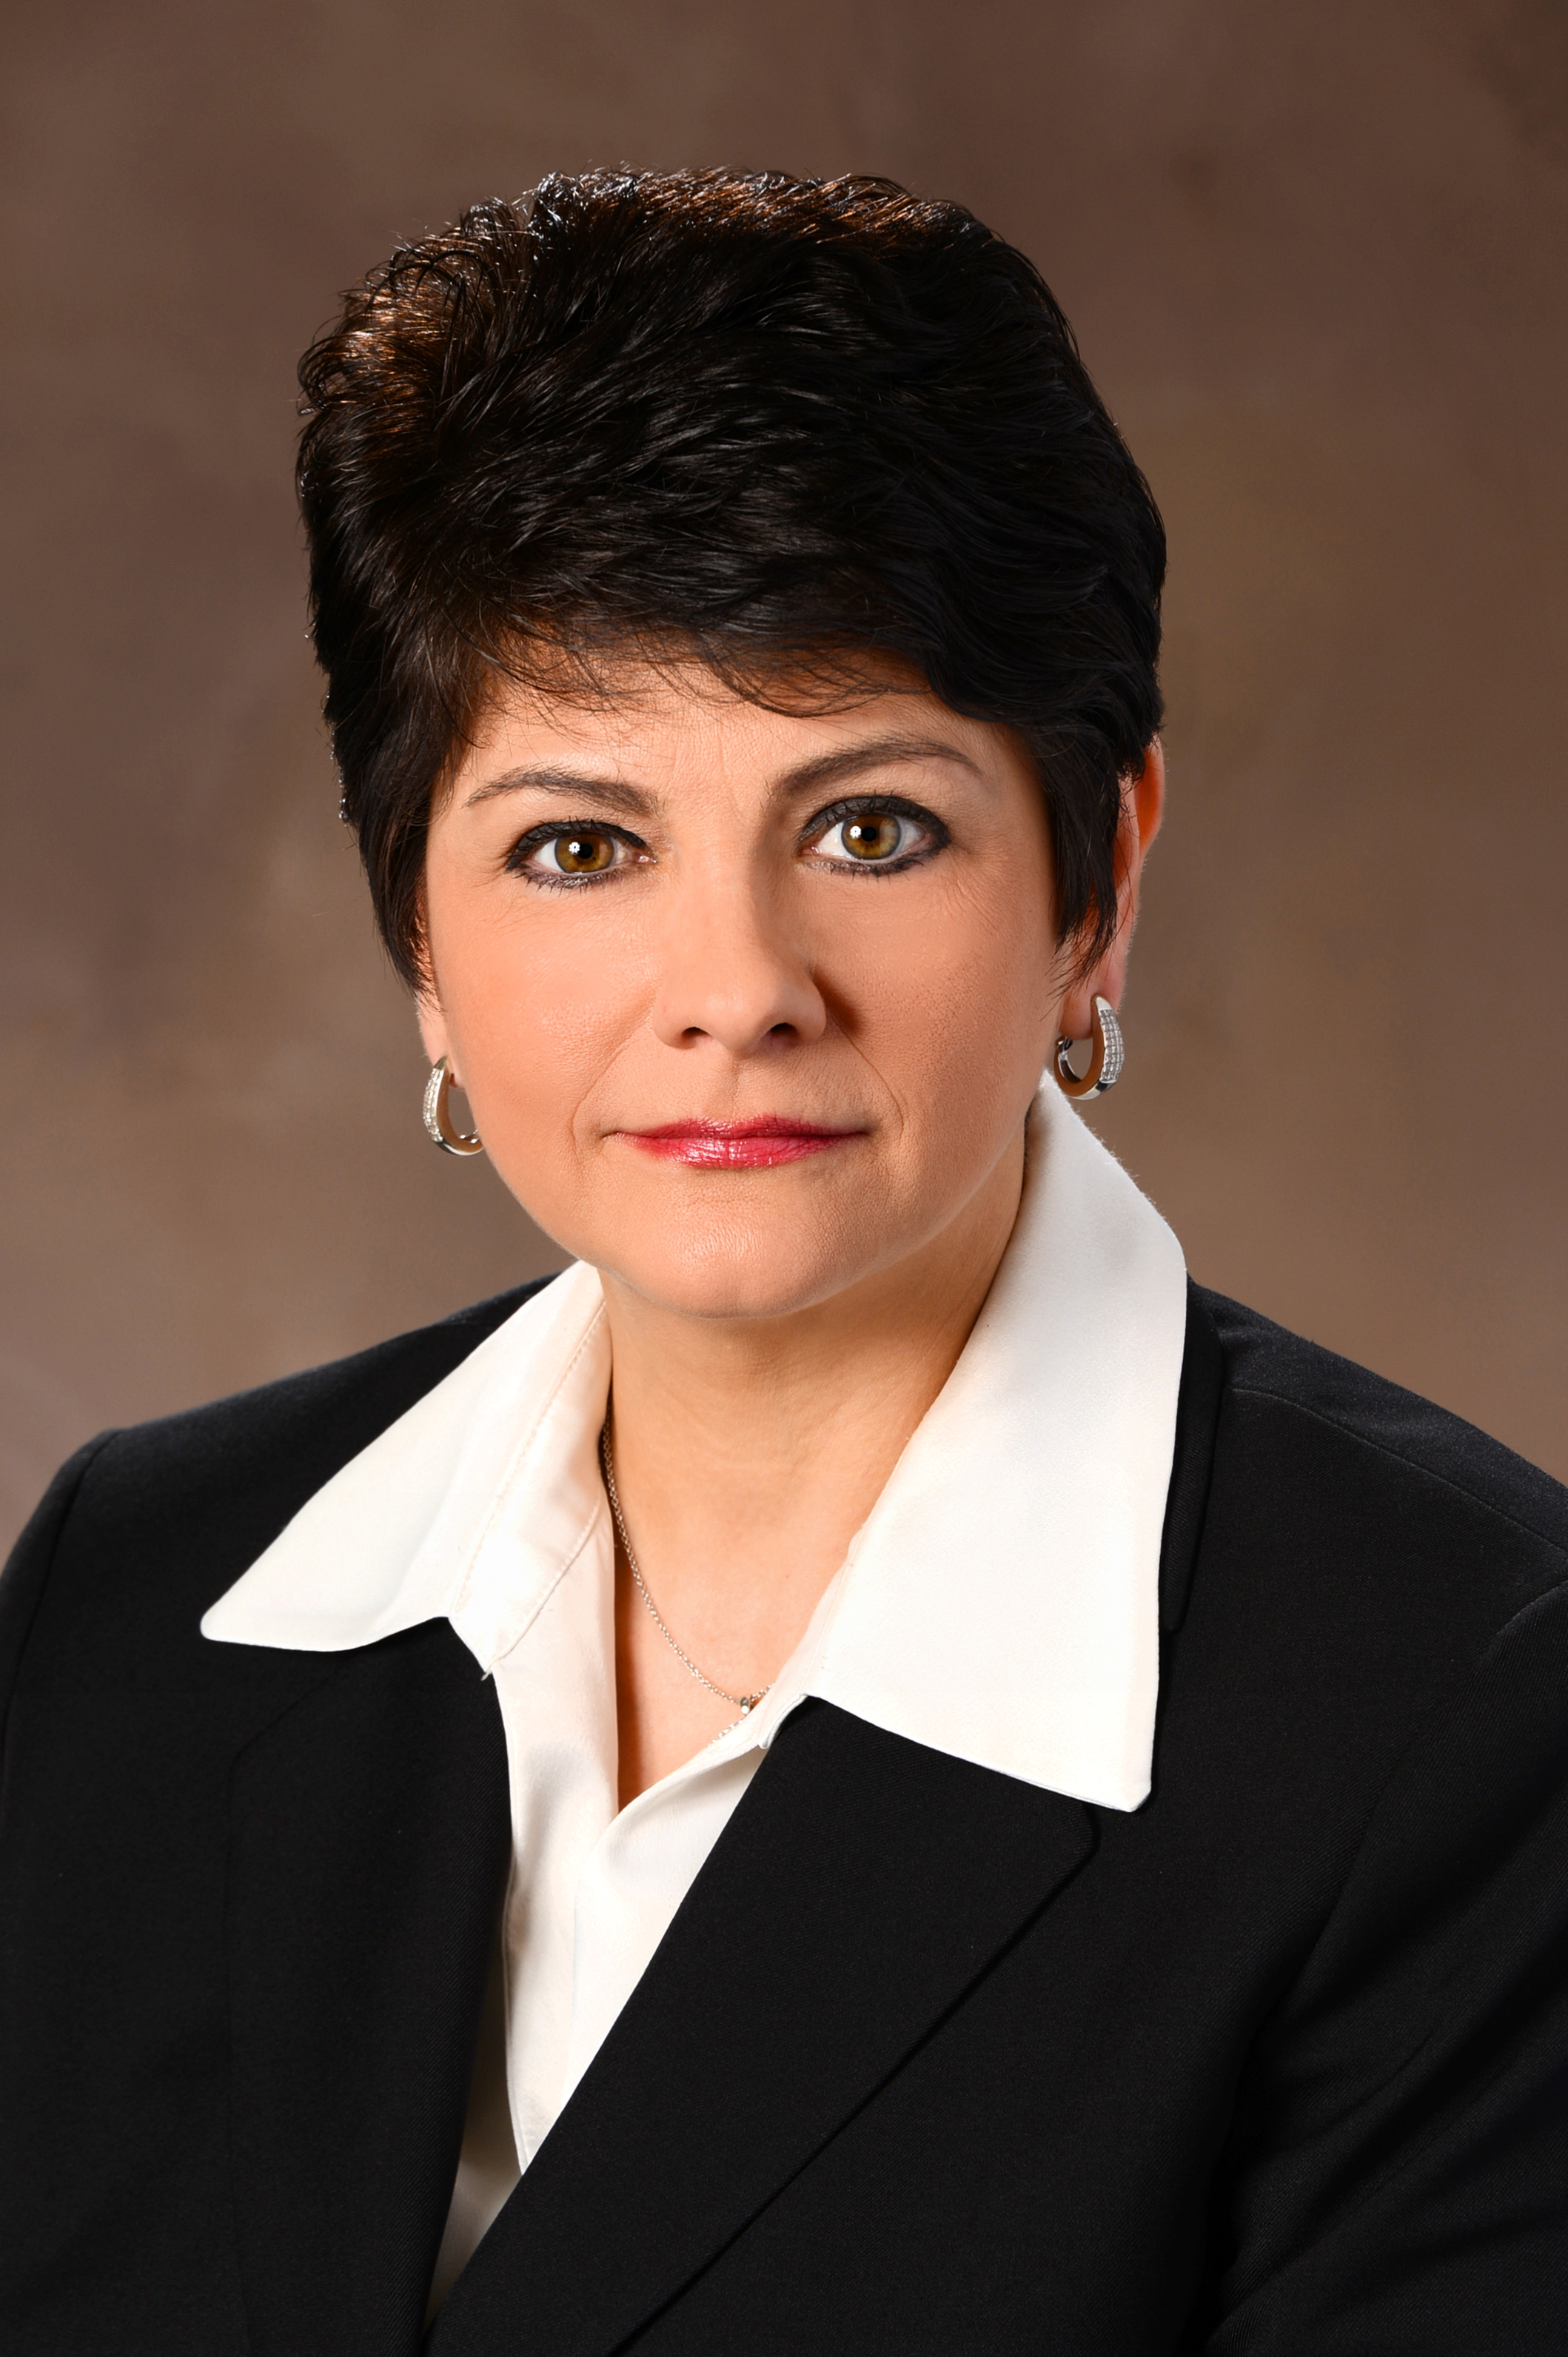 Rosa Sexton